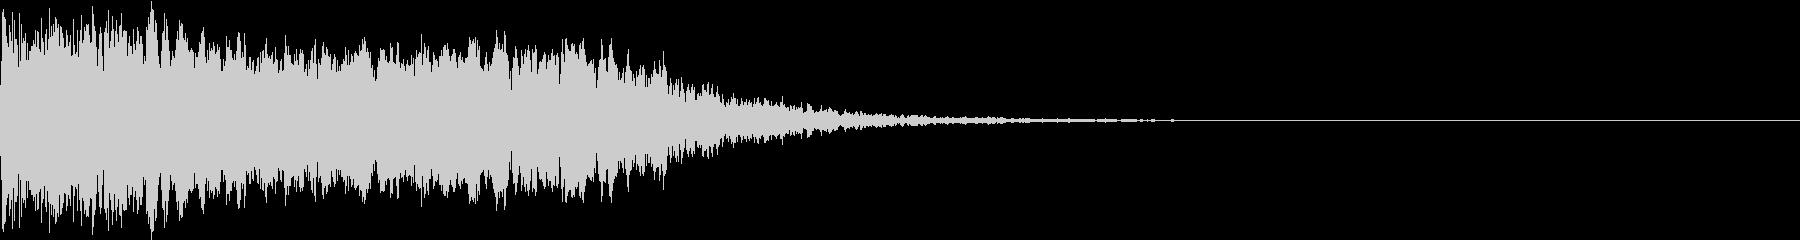 キュイン ギュイーン シャキーン 12の未再生の波形